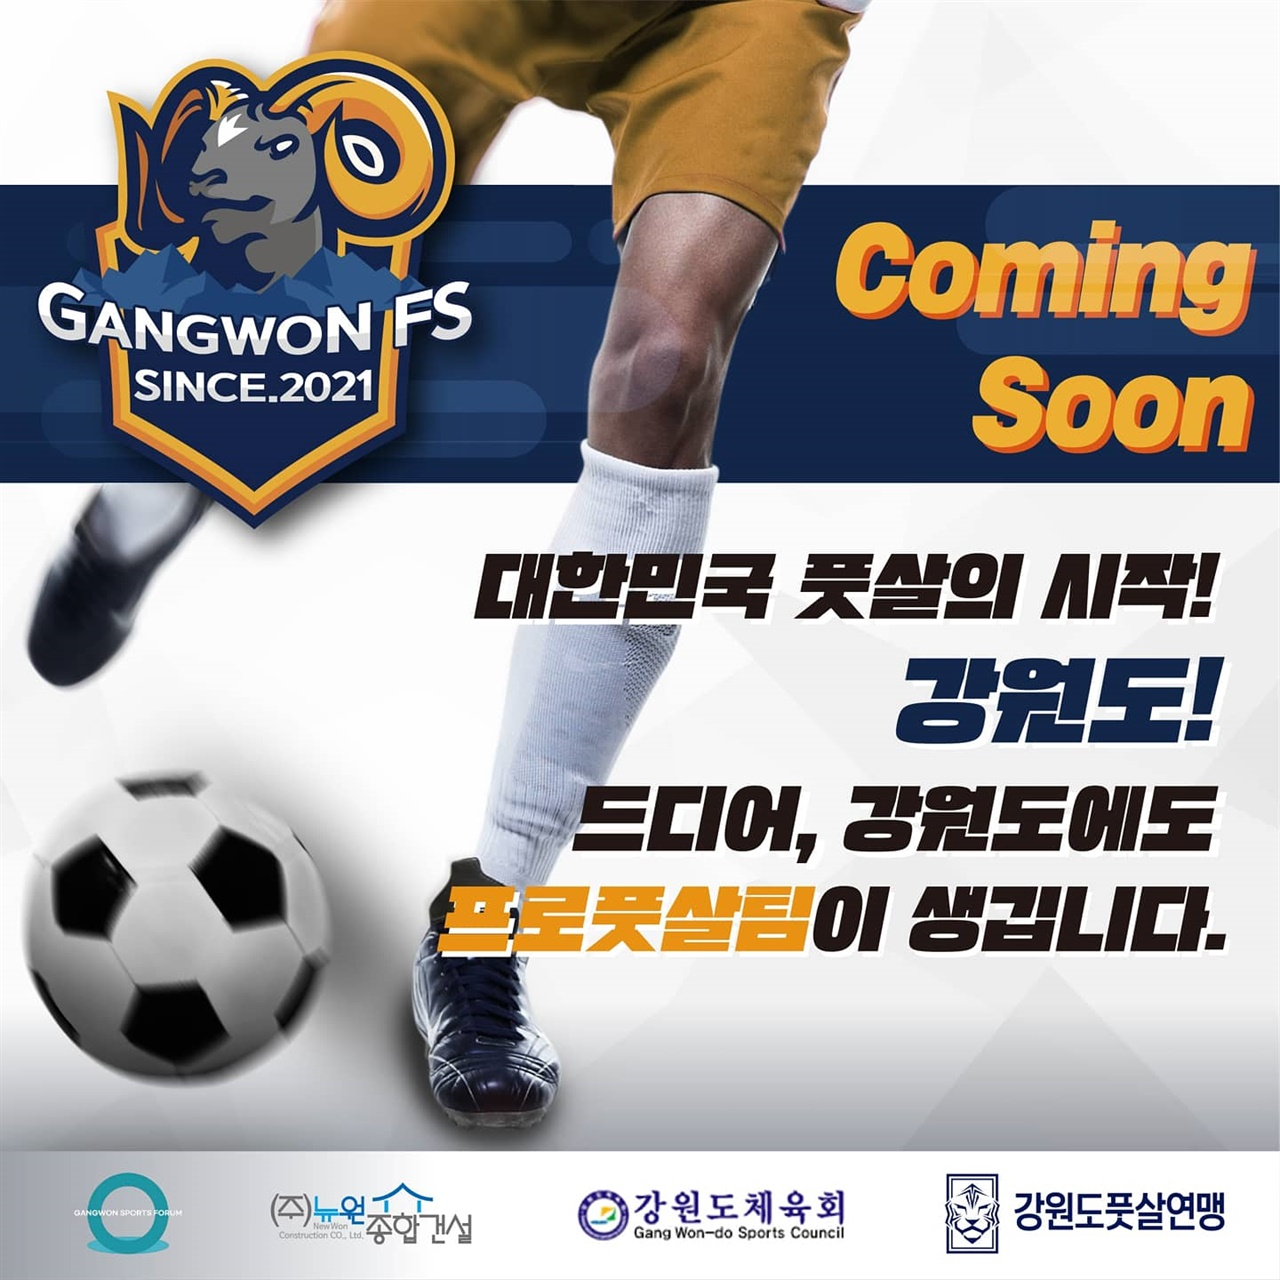 강원도 프로 풋살팀 창단 강원도에도 프로 풋살팀이 2022년 FK리그와 FK컵 참여로 목표로 창단된다.